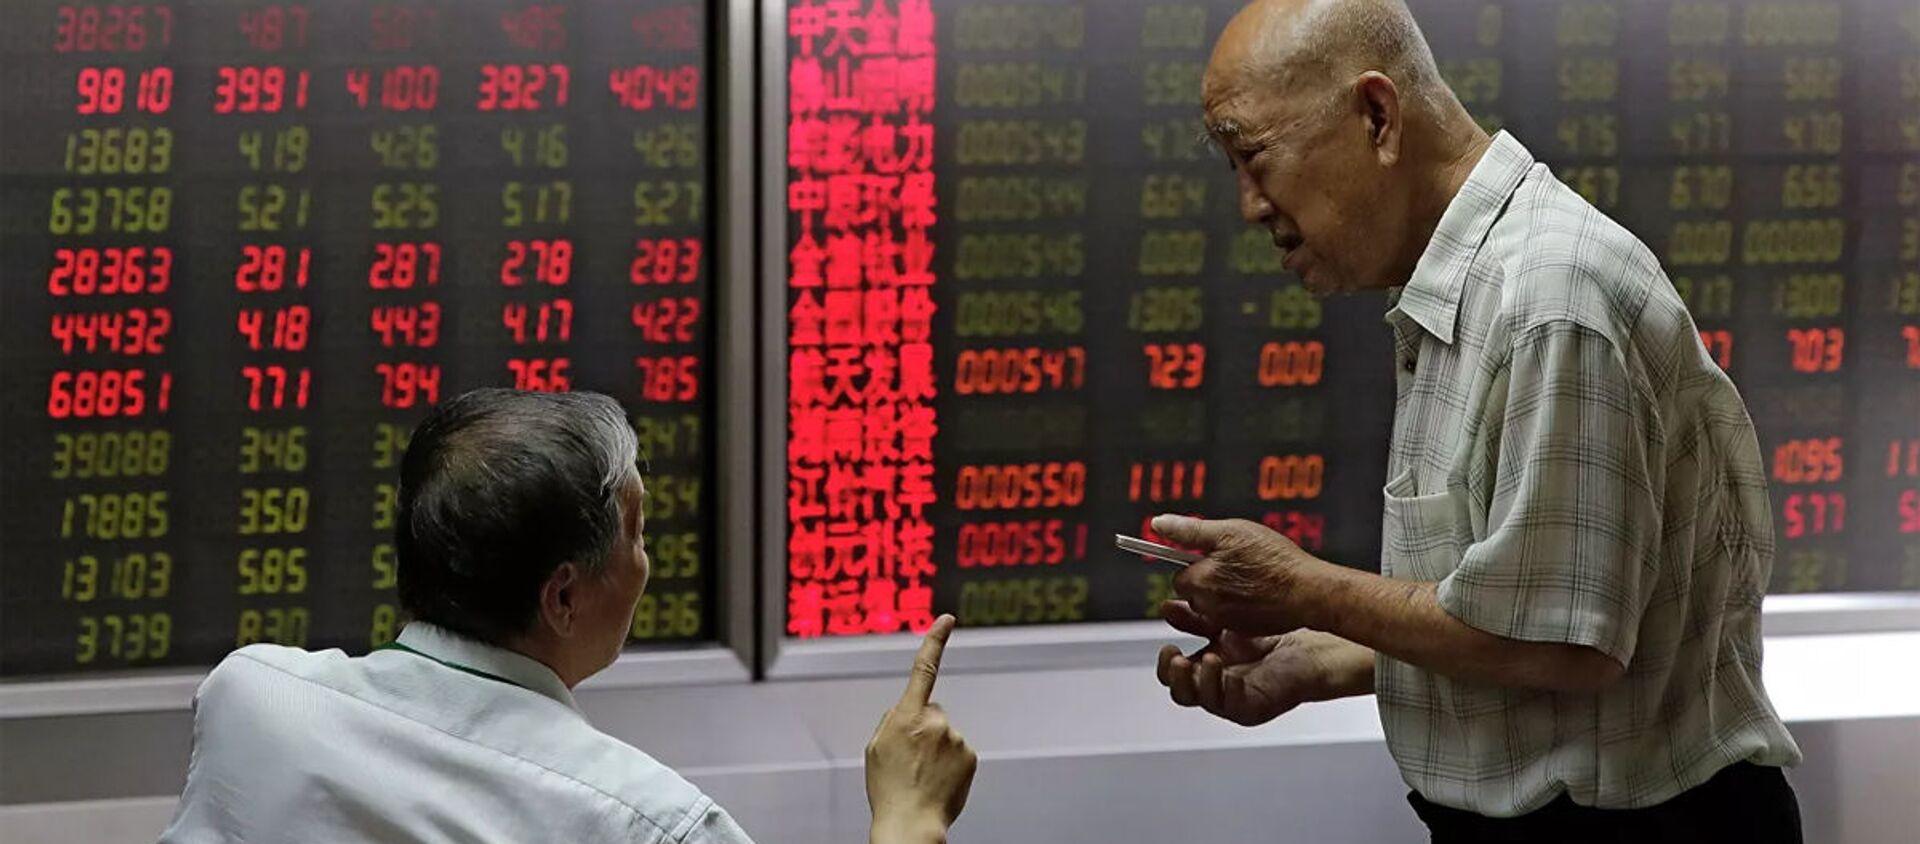 Mọi người theo dõi giá cổ phiếu tại một công ty môi giới ở Bắc Kinh - Sputnik Việt Nam, 1920, 26.07.2021